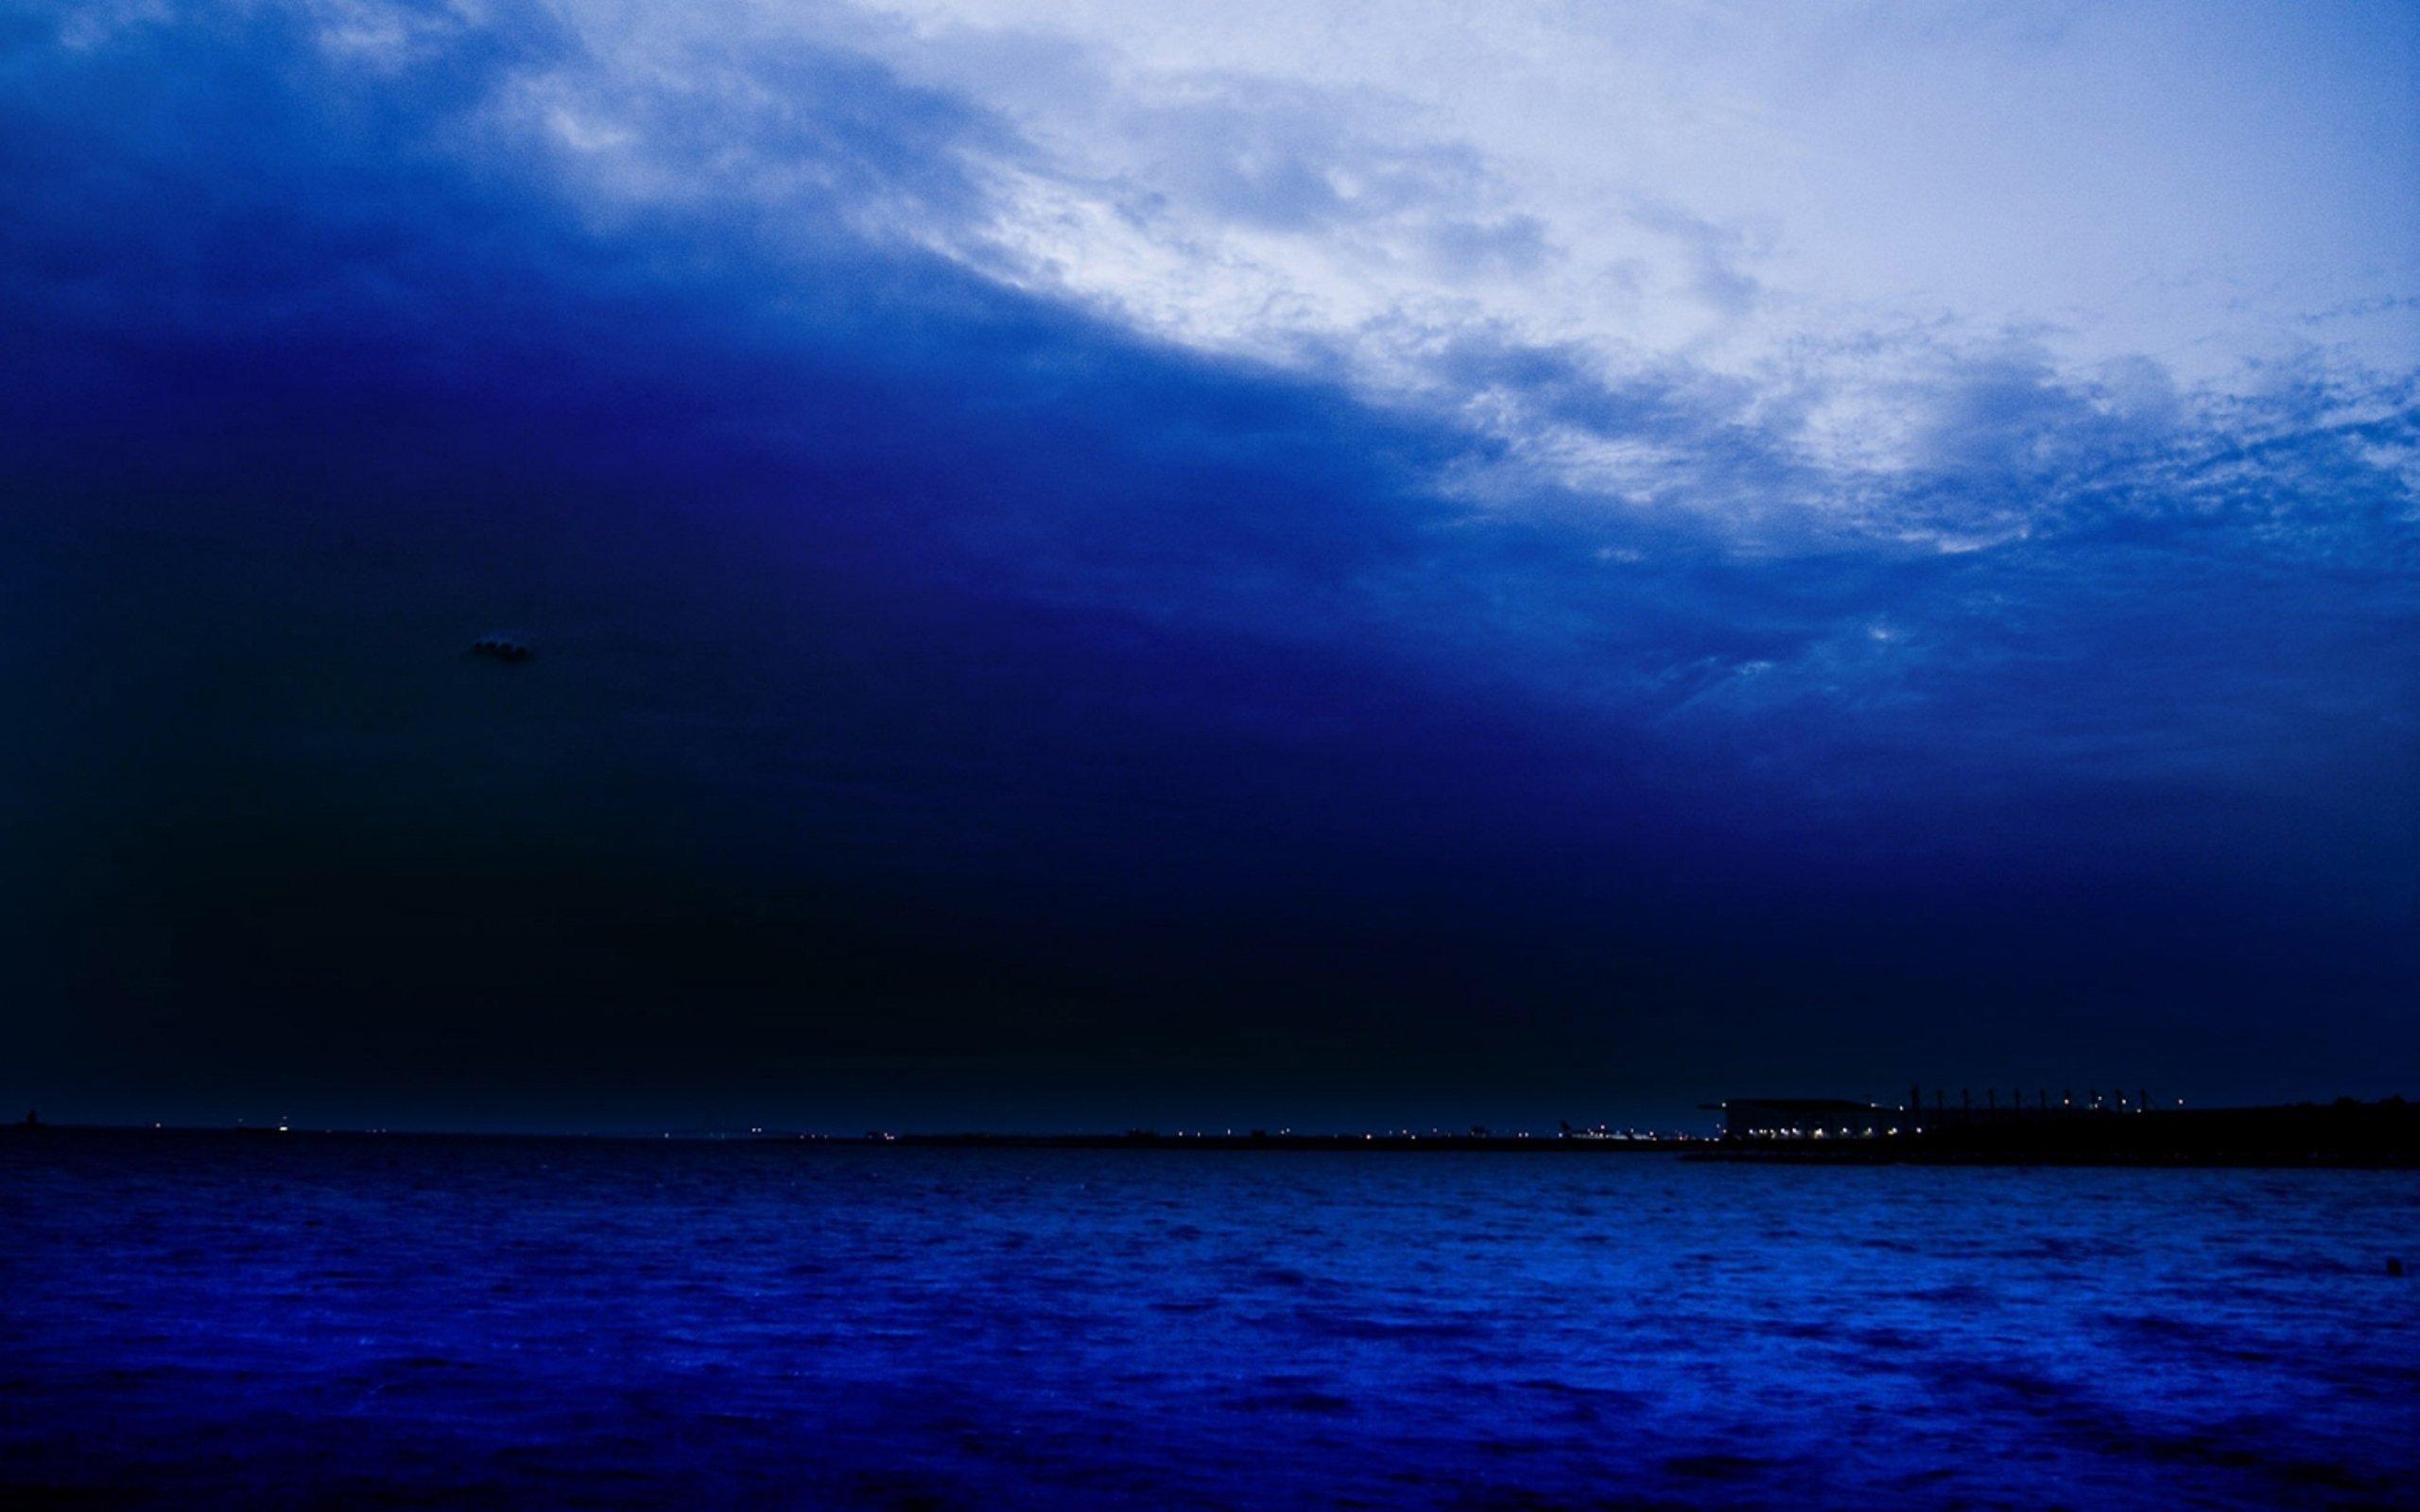 Темно-синий цвет картинки